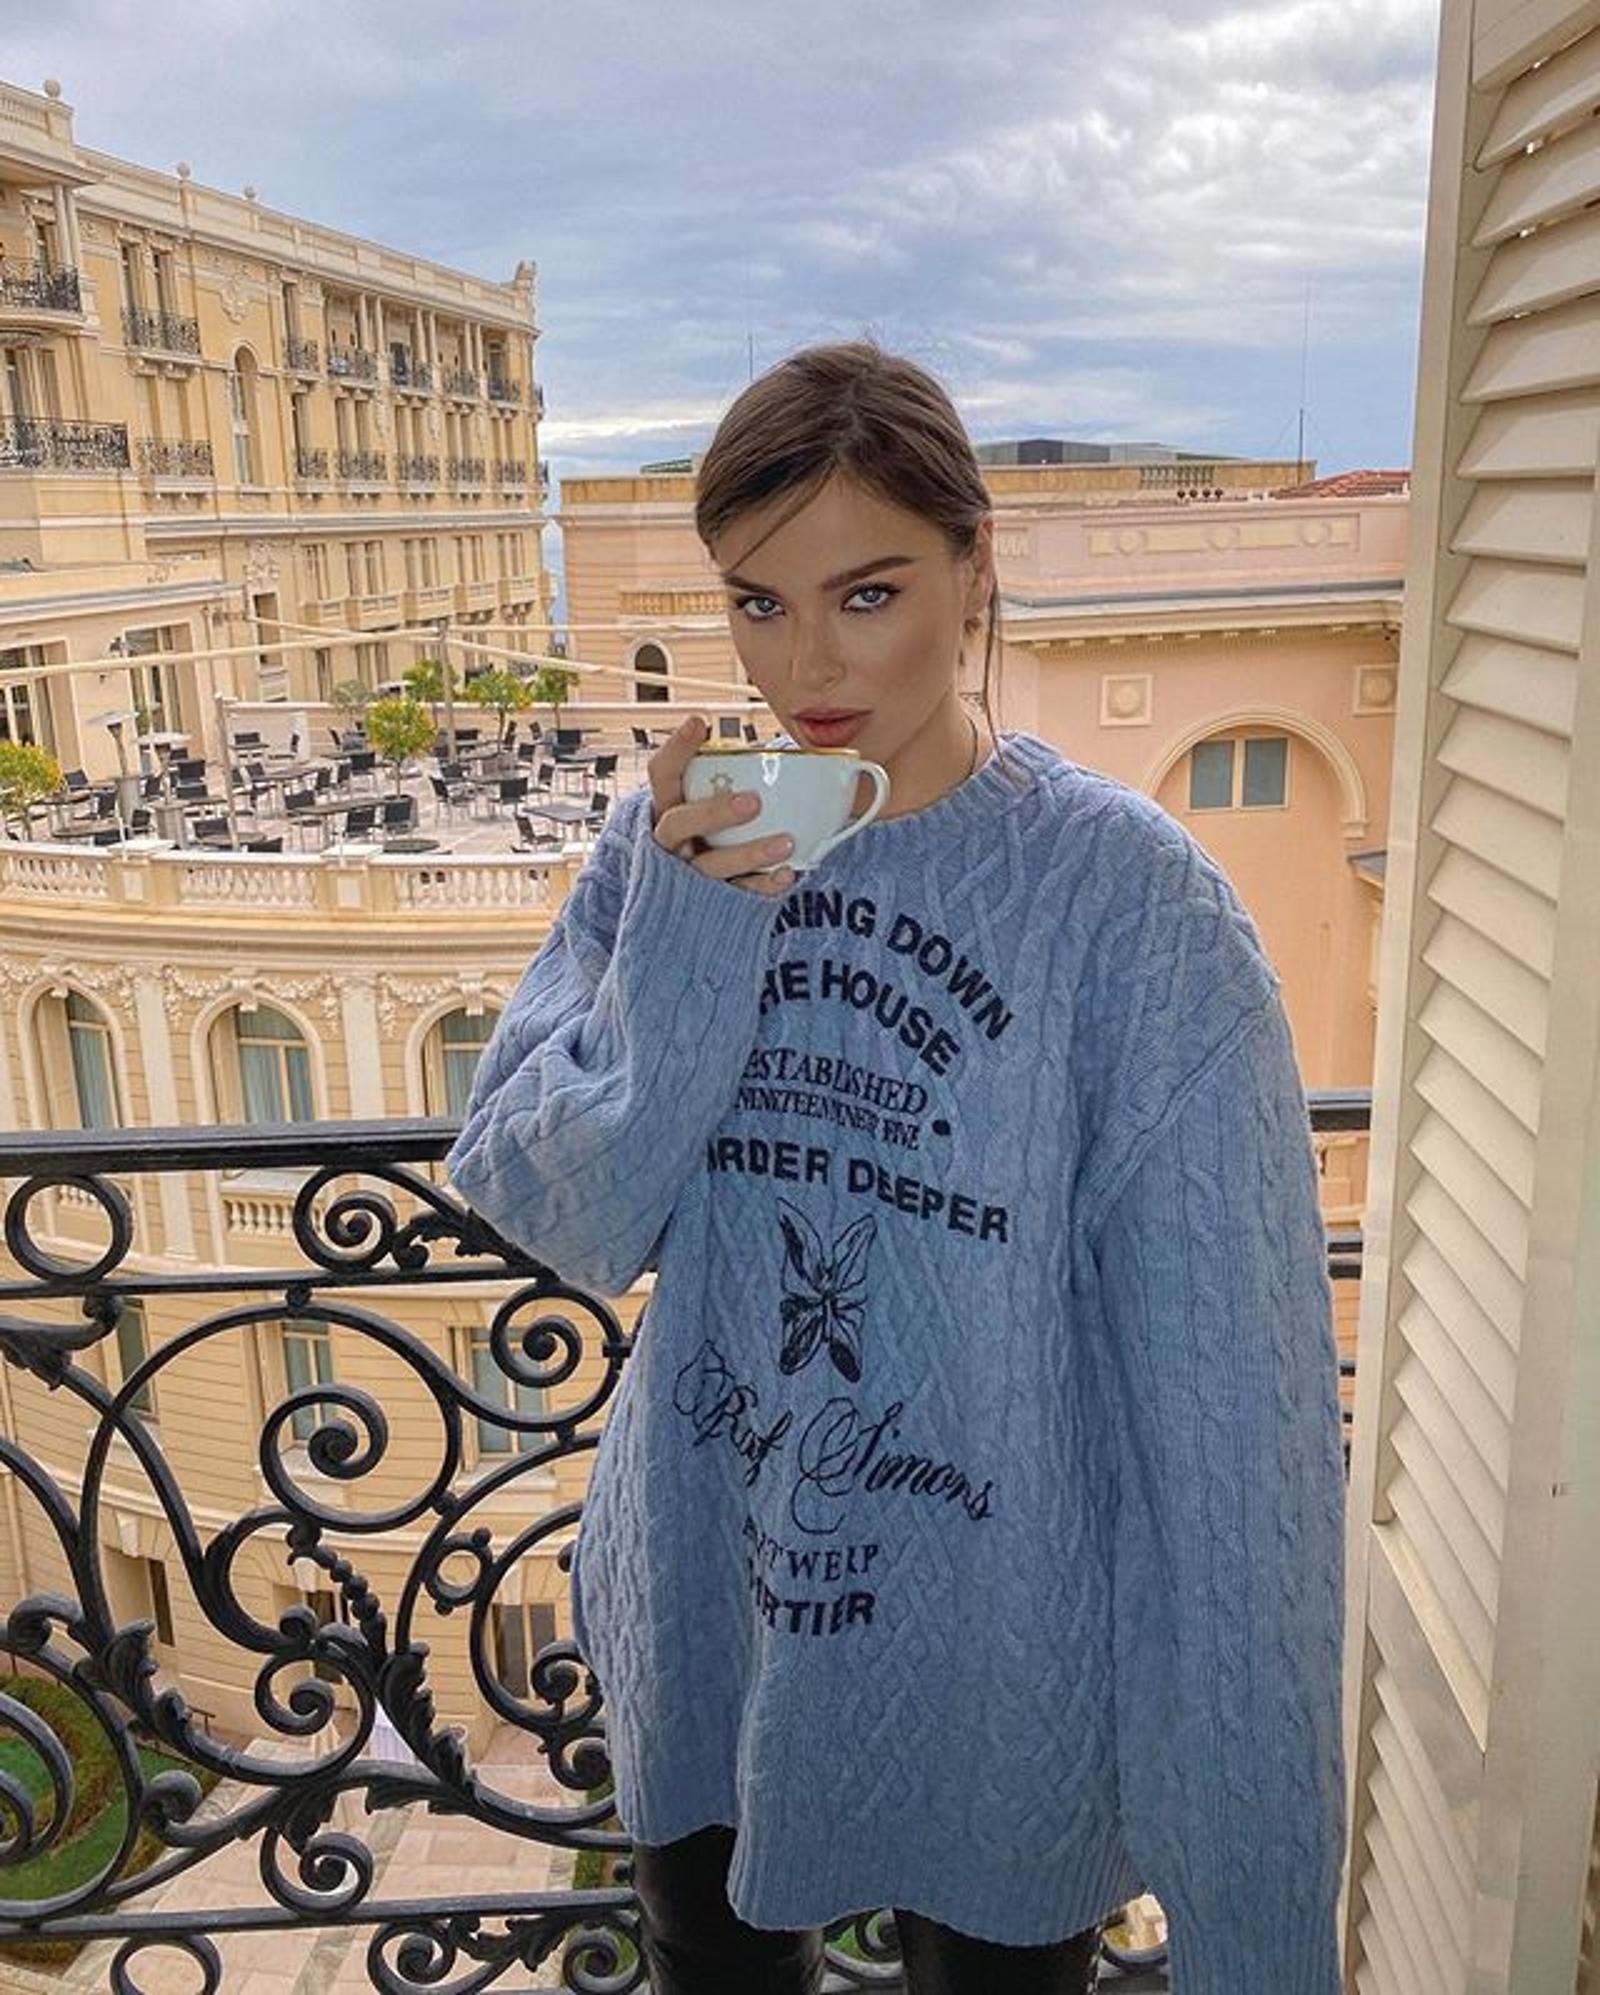 Елена Темникова рассказала, где запах денег просто витает в воздухе